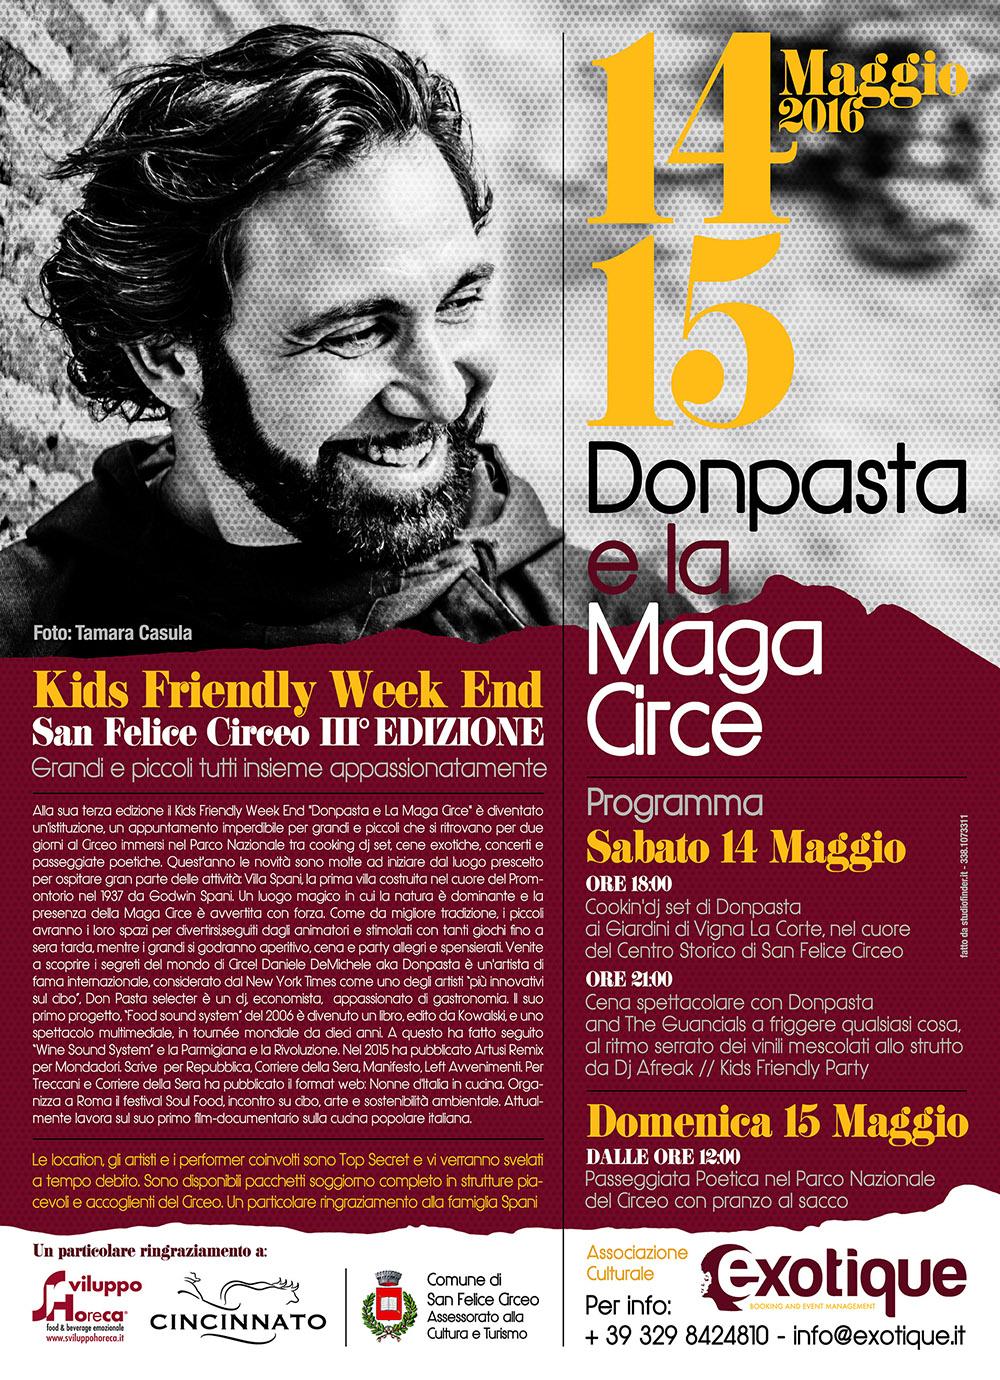 Donpasta e La Maga Circe_Kids Friendly Week End_S.F.Circeo 14 e 15 Maggio 016